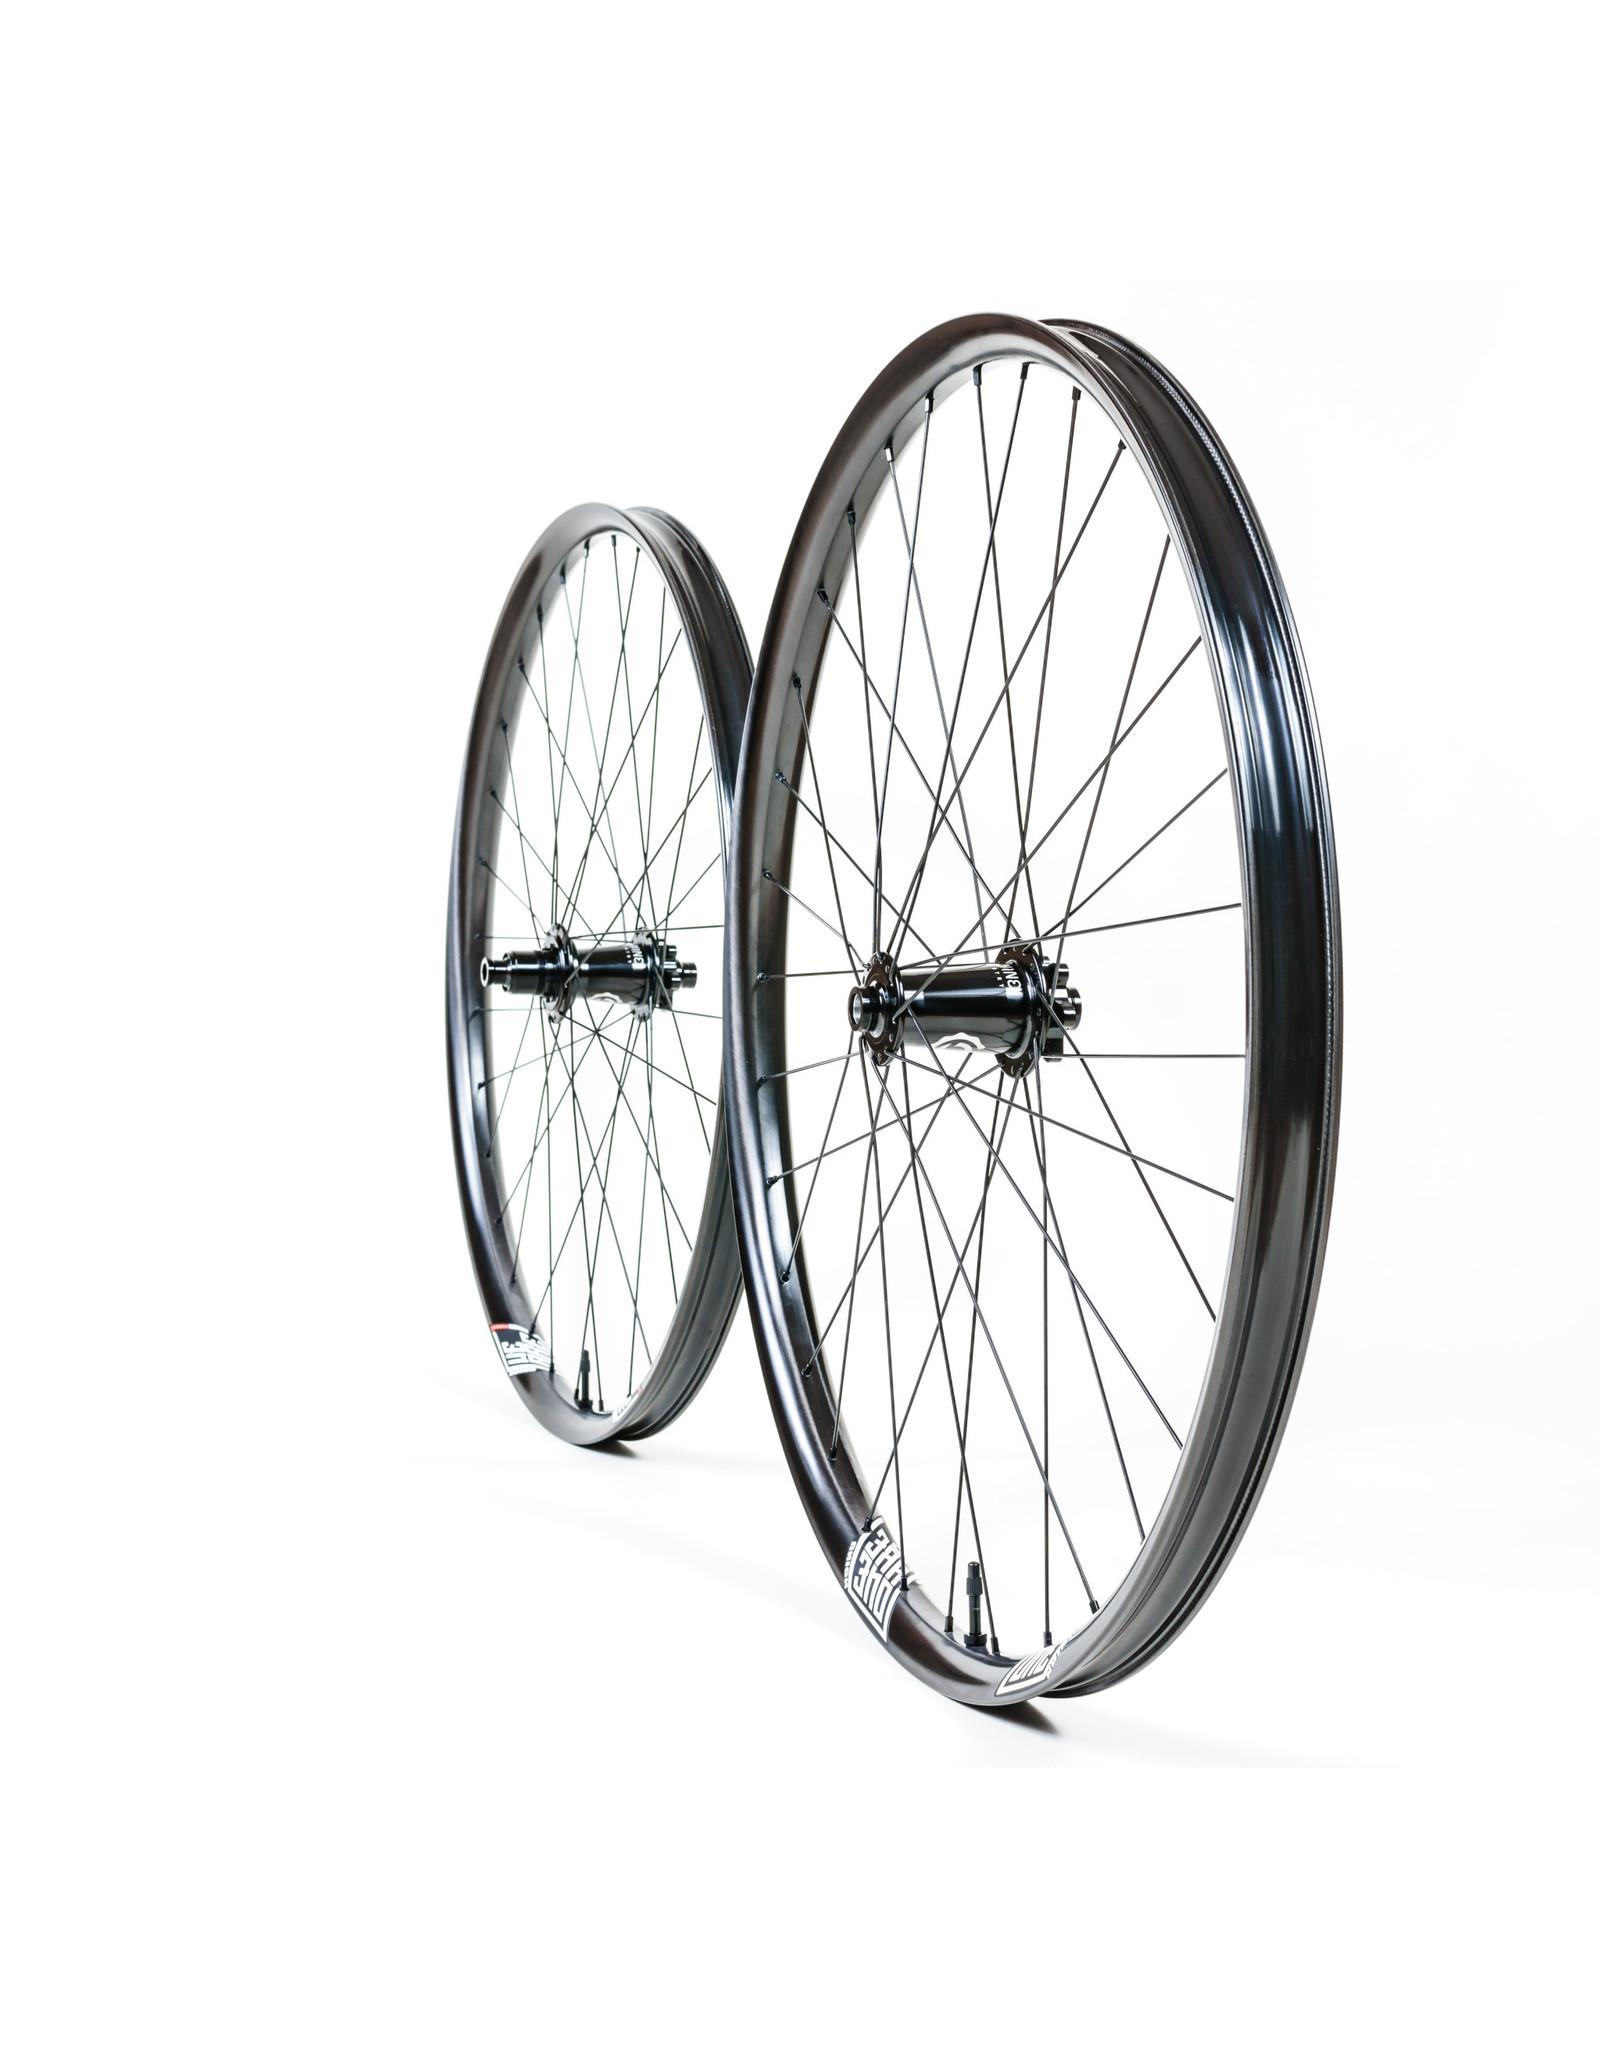 """WeAreOne Wheelset 29"""" WeAreOne Union i9 Hydra 110x15/148x12 Micro C-Lock CX-Ray"""